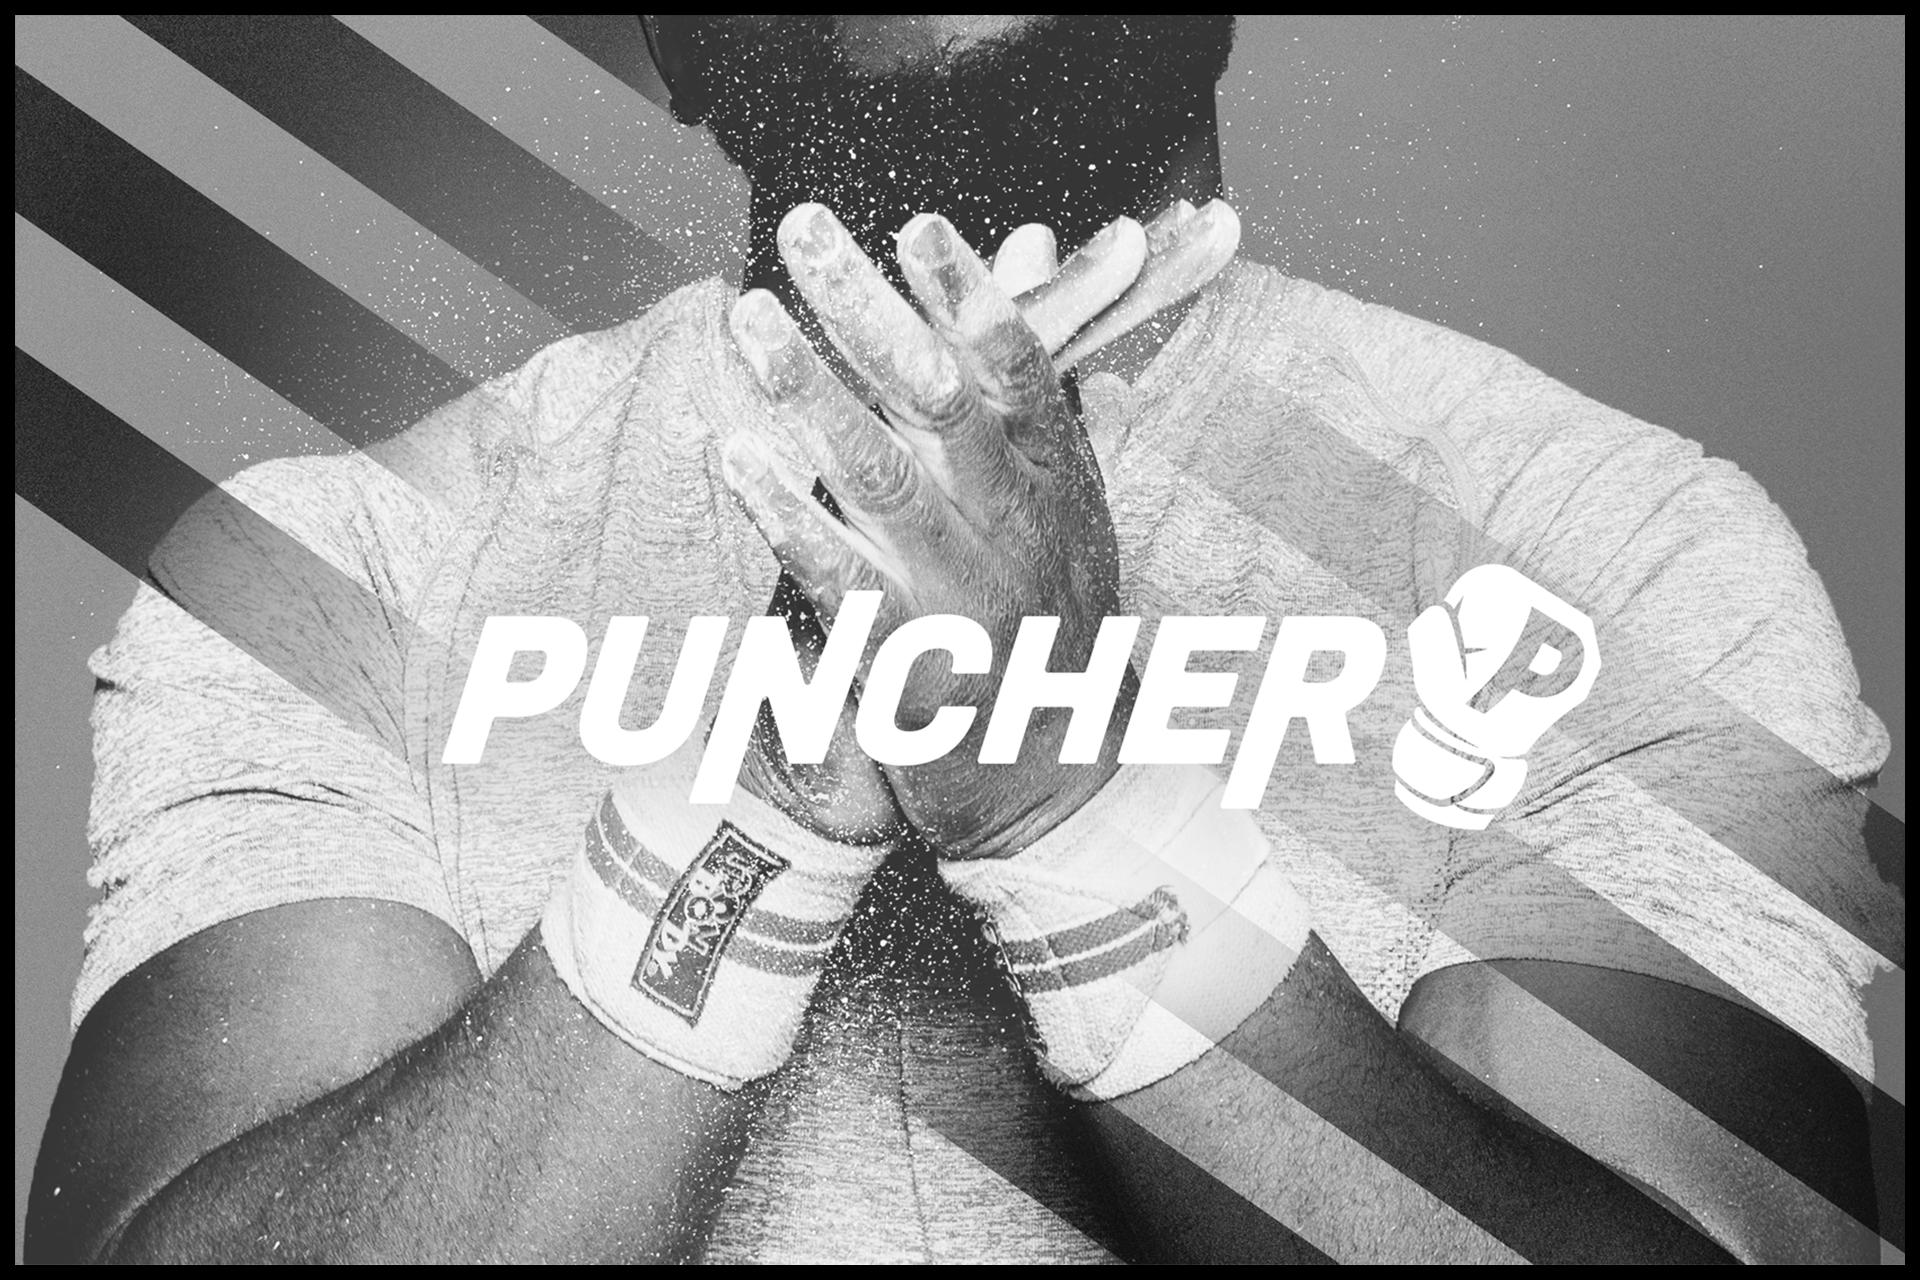 01_PuncherMedia_Upload.png